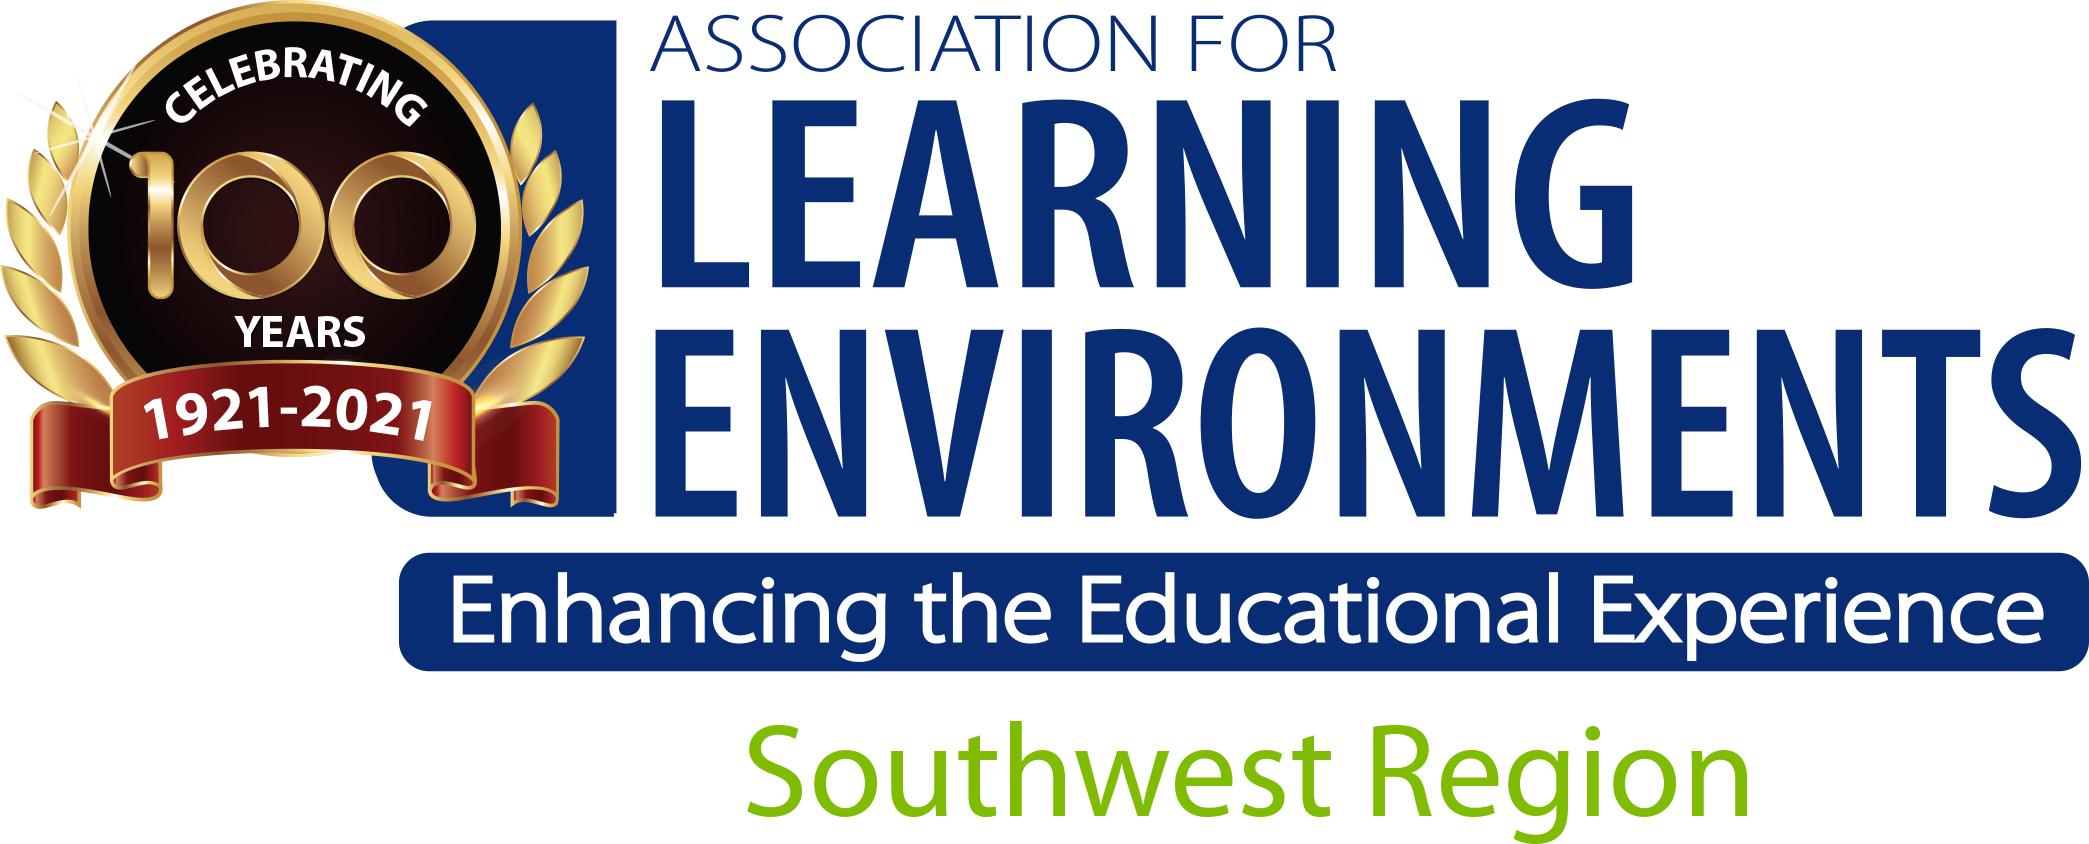 Southwest Region 100 Year Celebration Logo